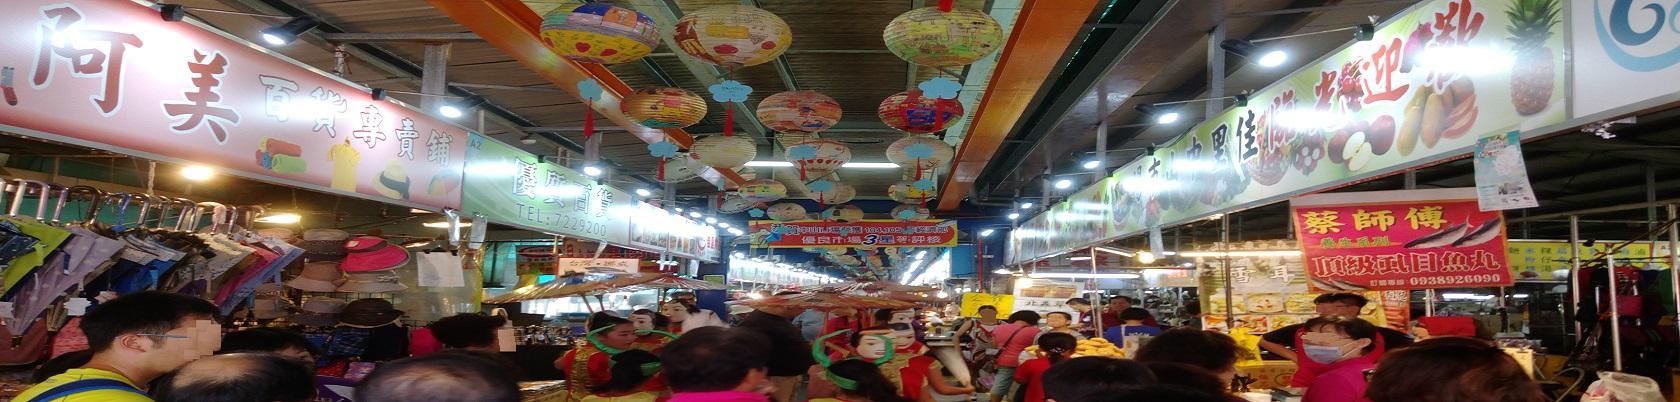 臺南市佳里中山市場